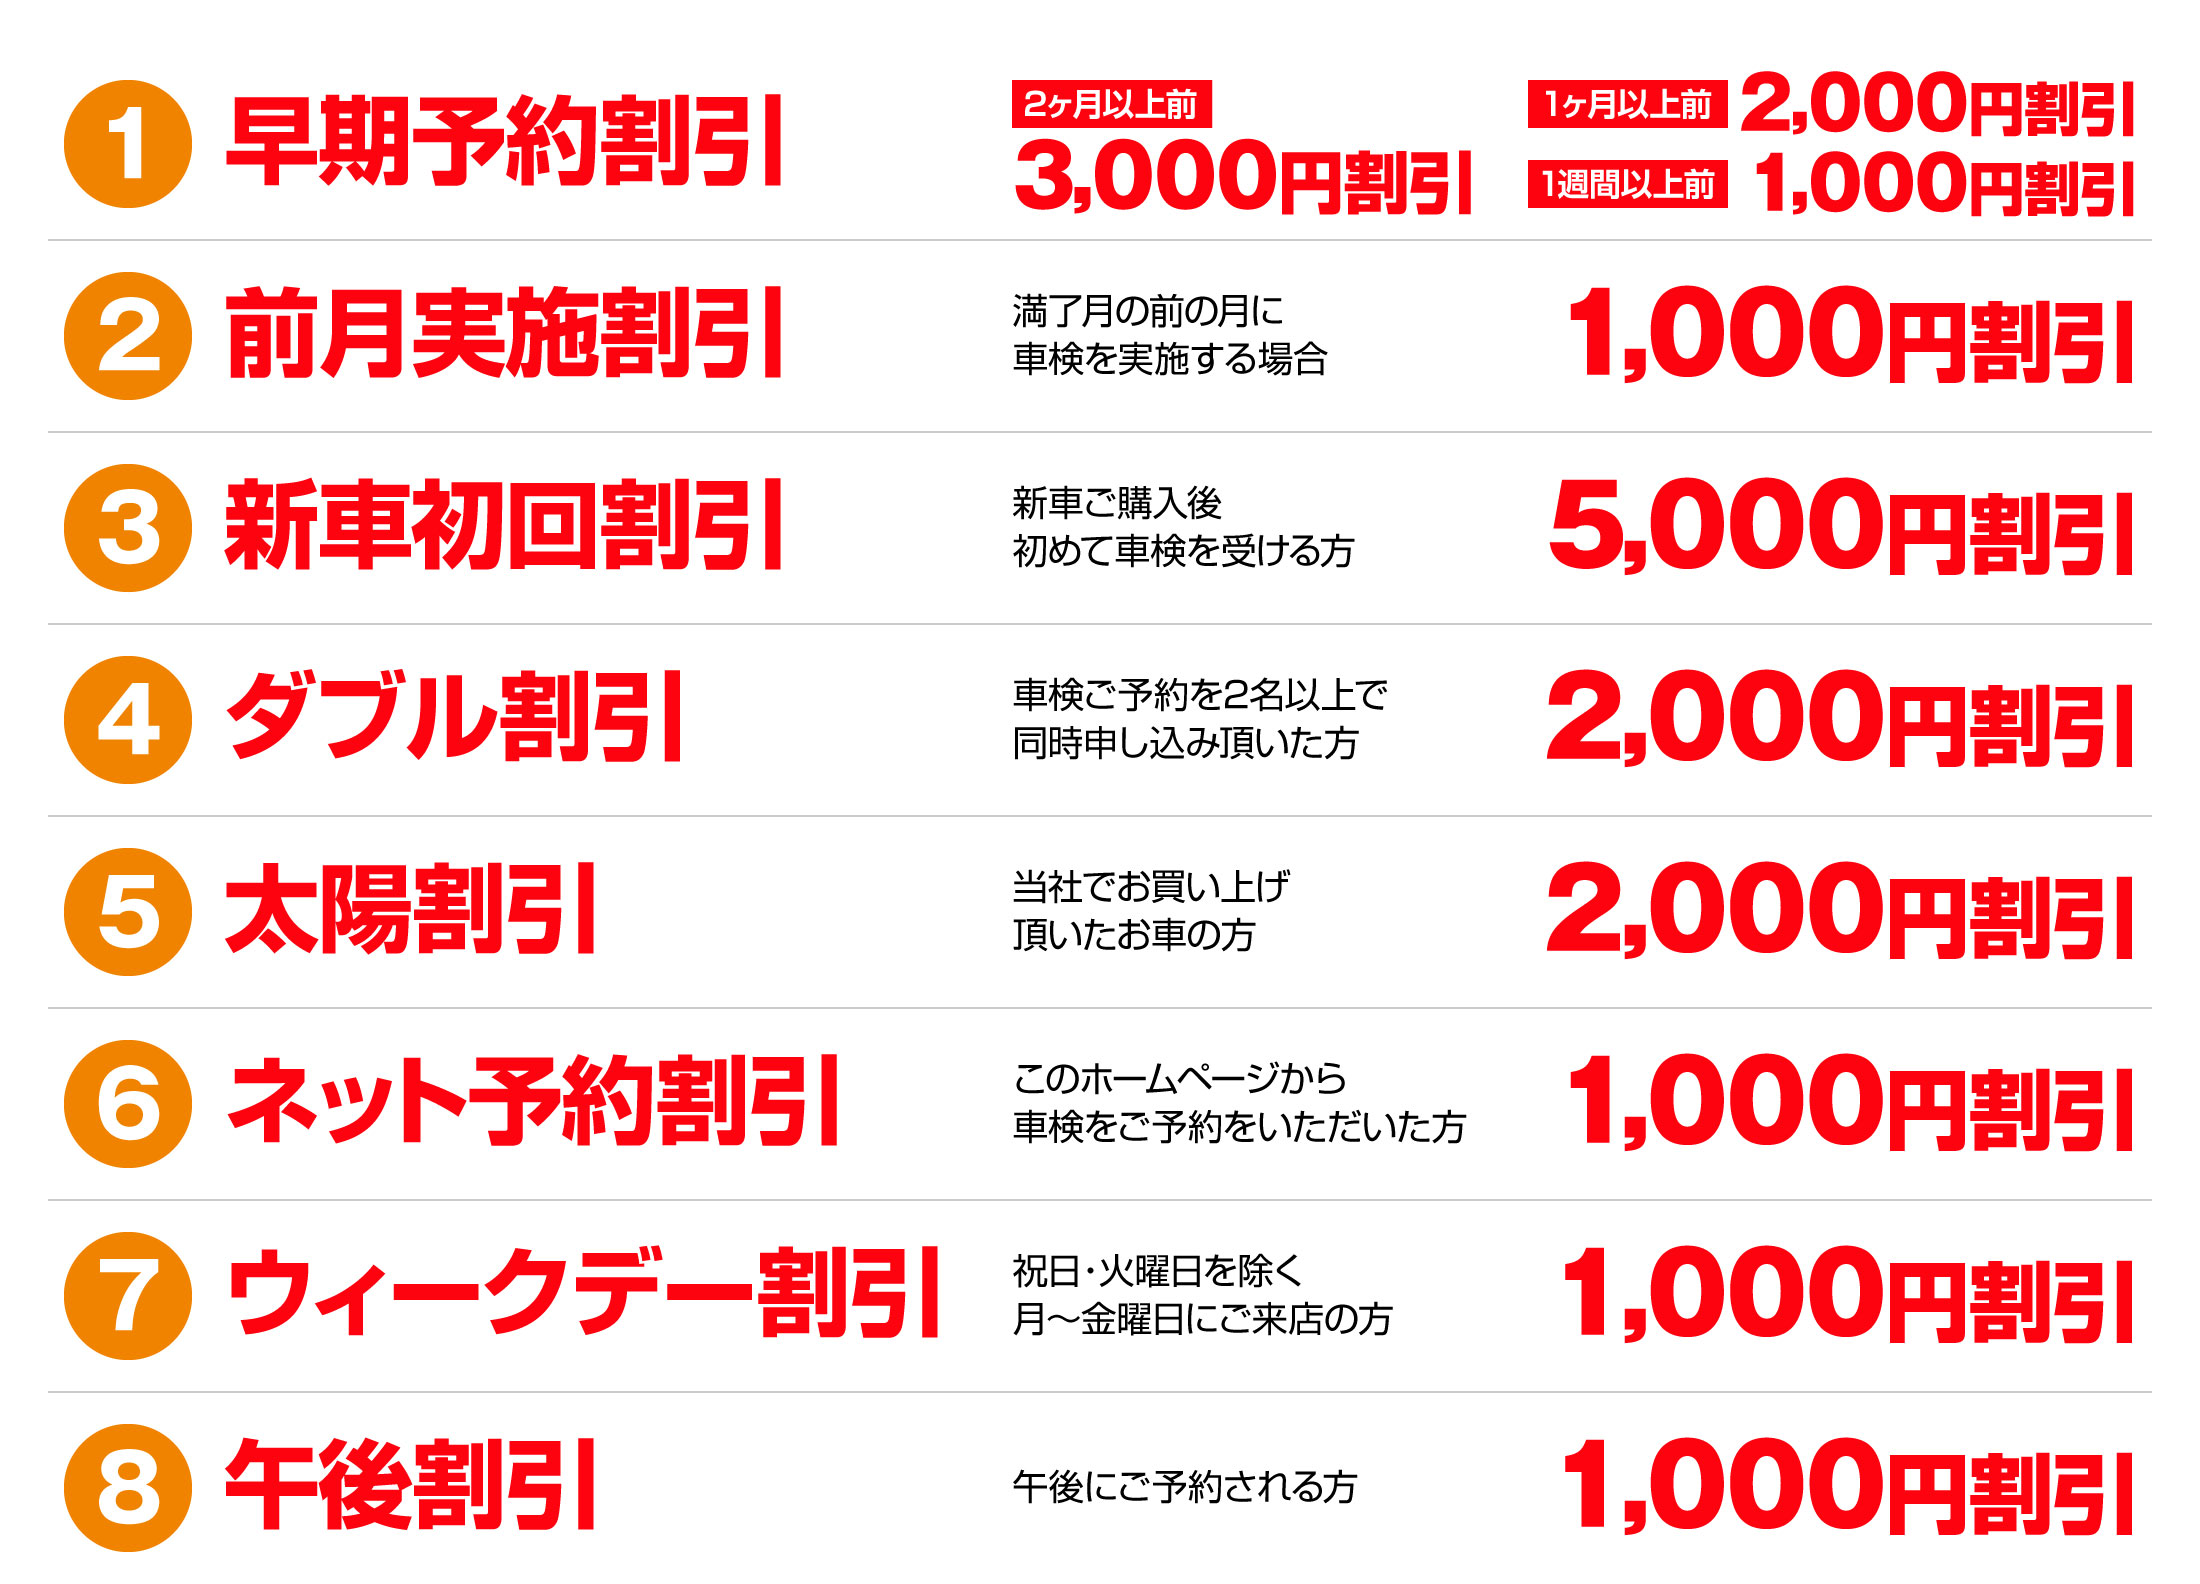 インターネットから予約すると最大16,000円割引